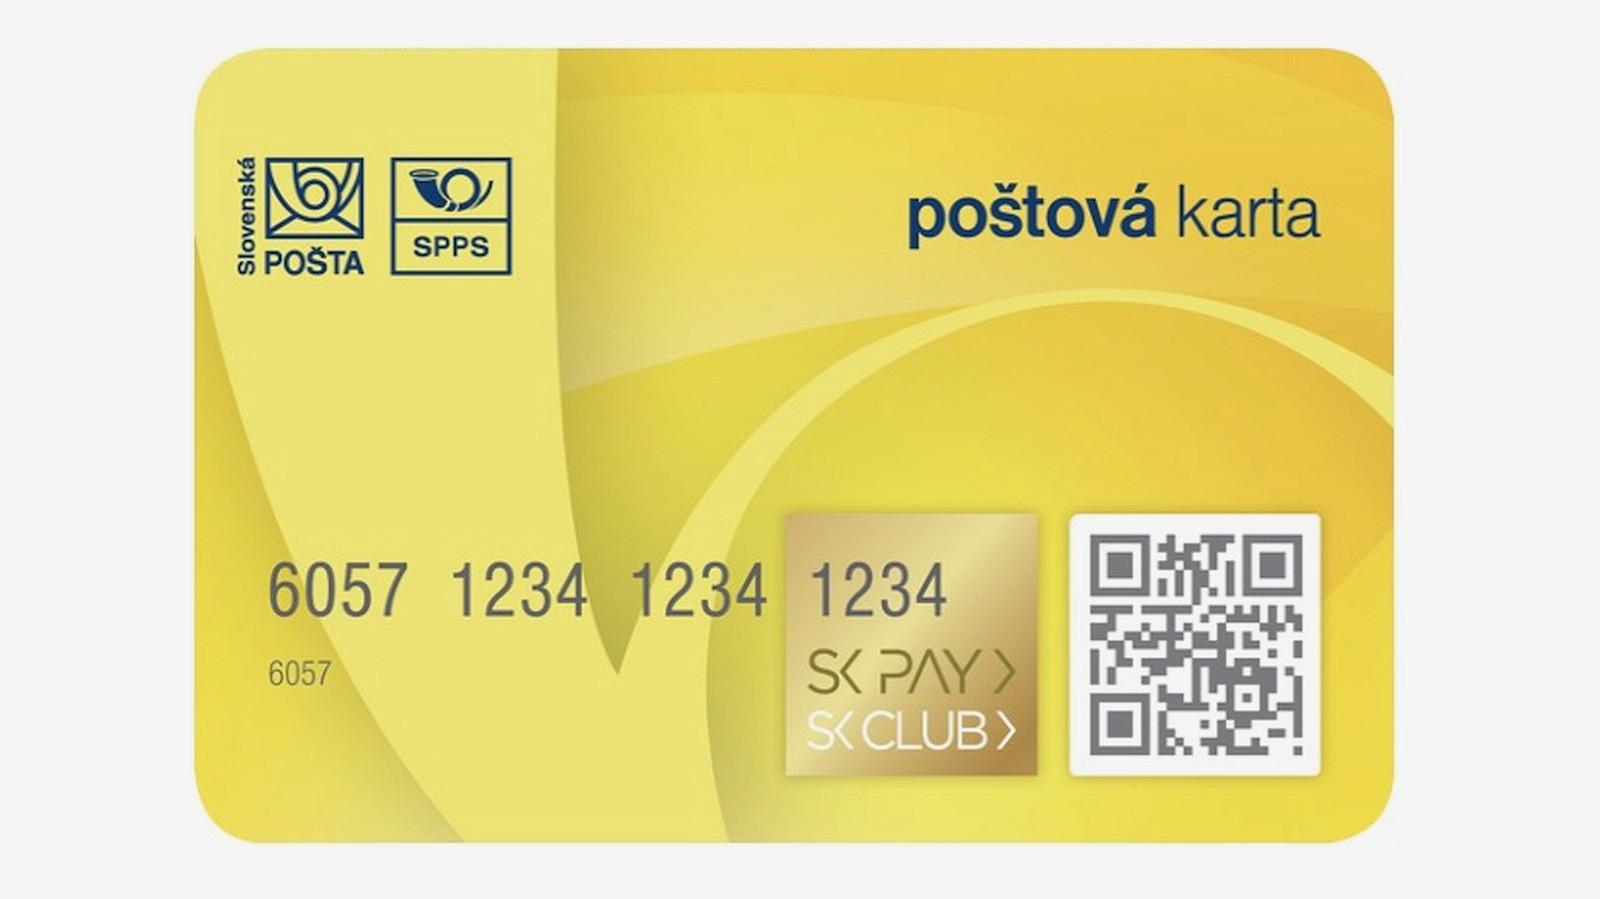 406f1be1f2 Slovenská pošta  pribudne mobilná aplikácia a platby kartou ktorejkoľvek  banky